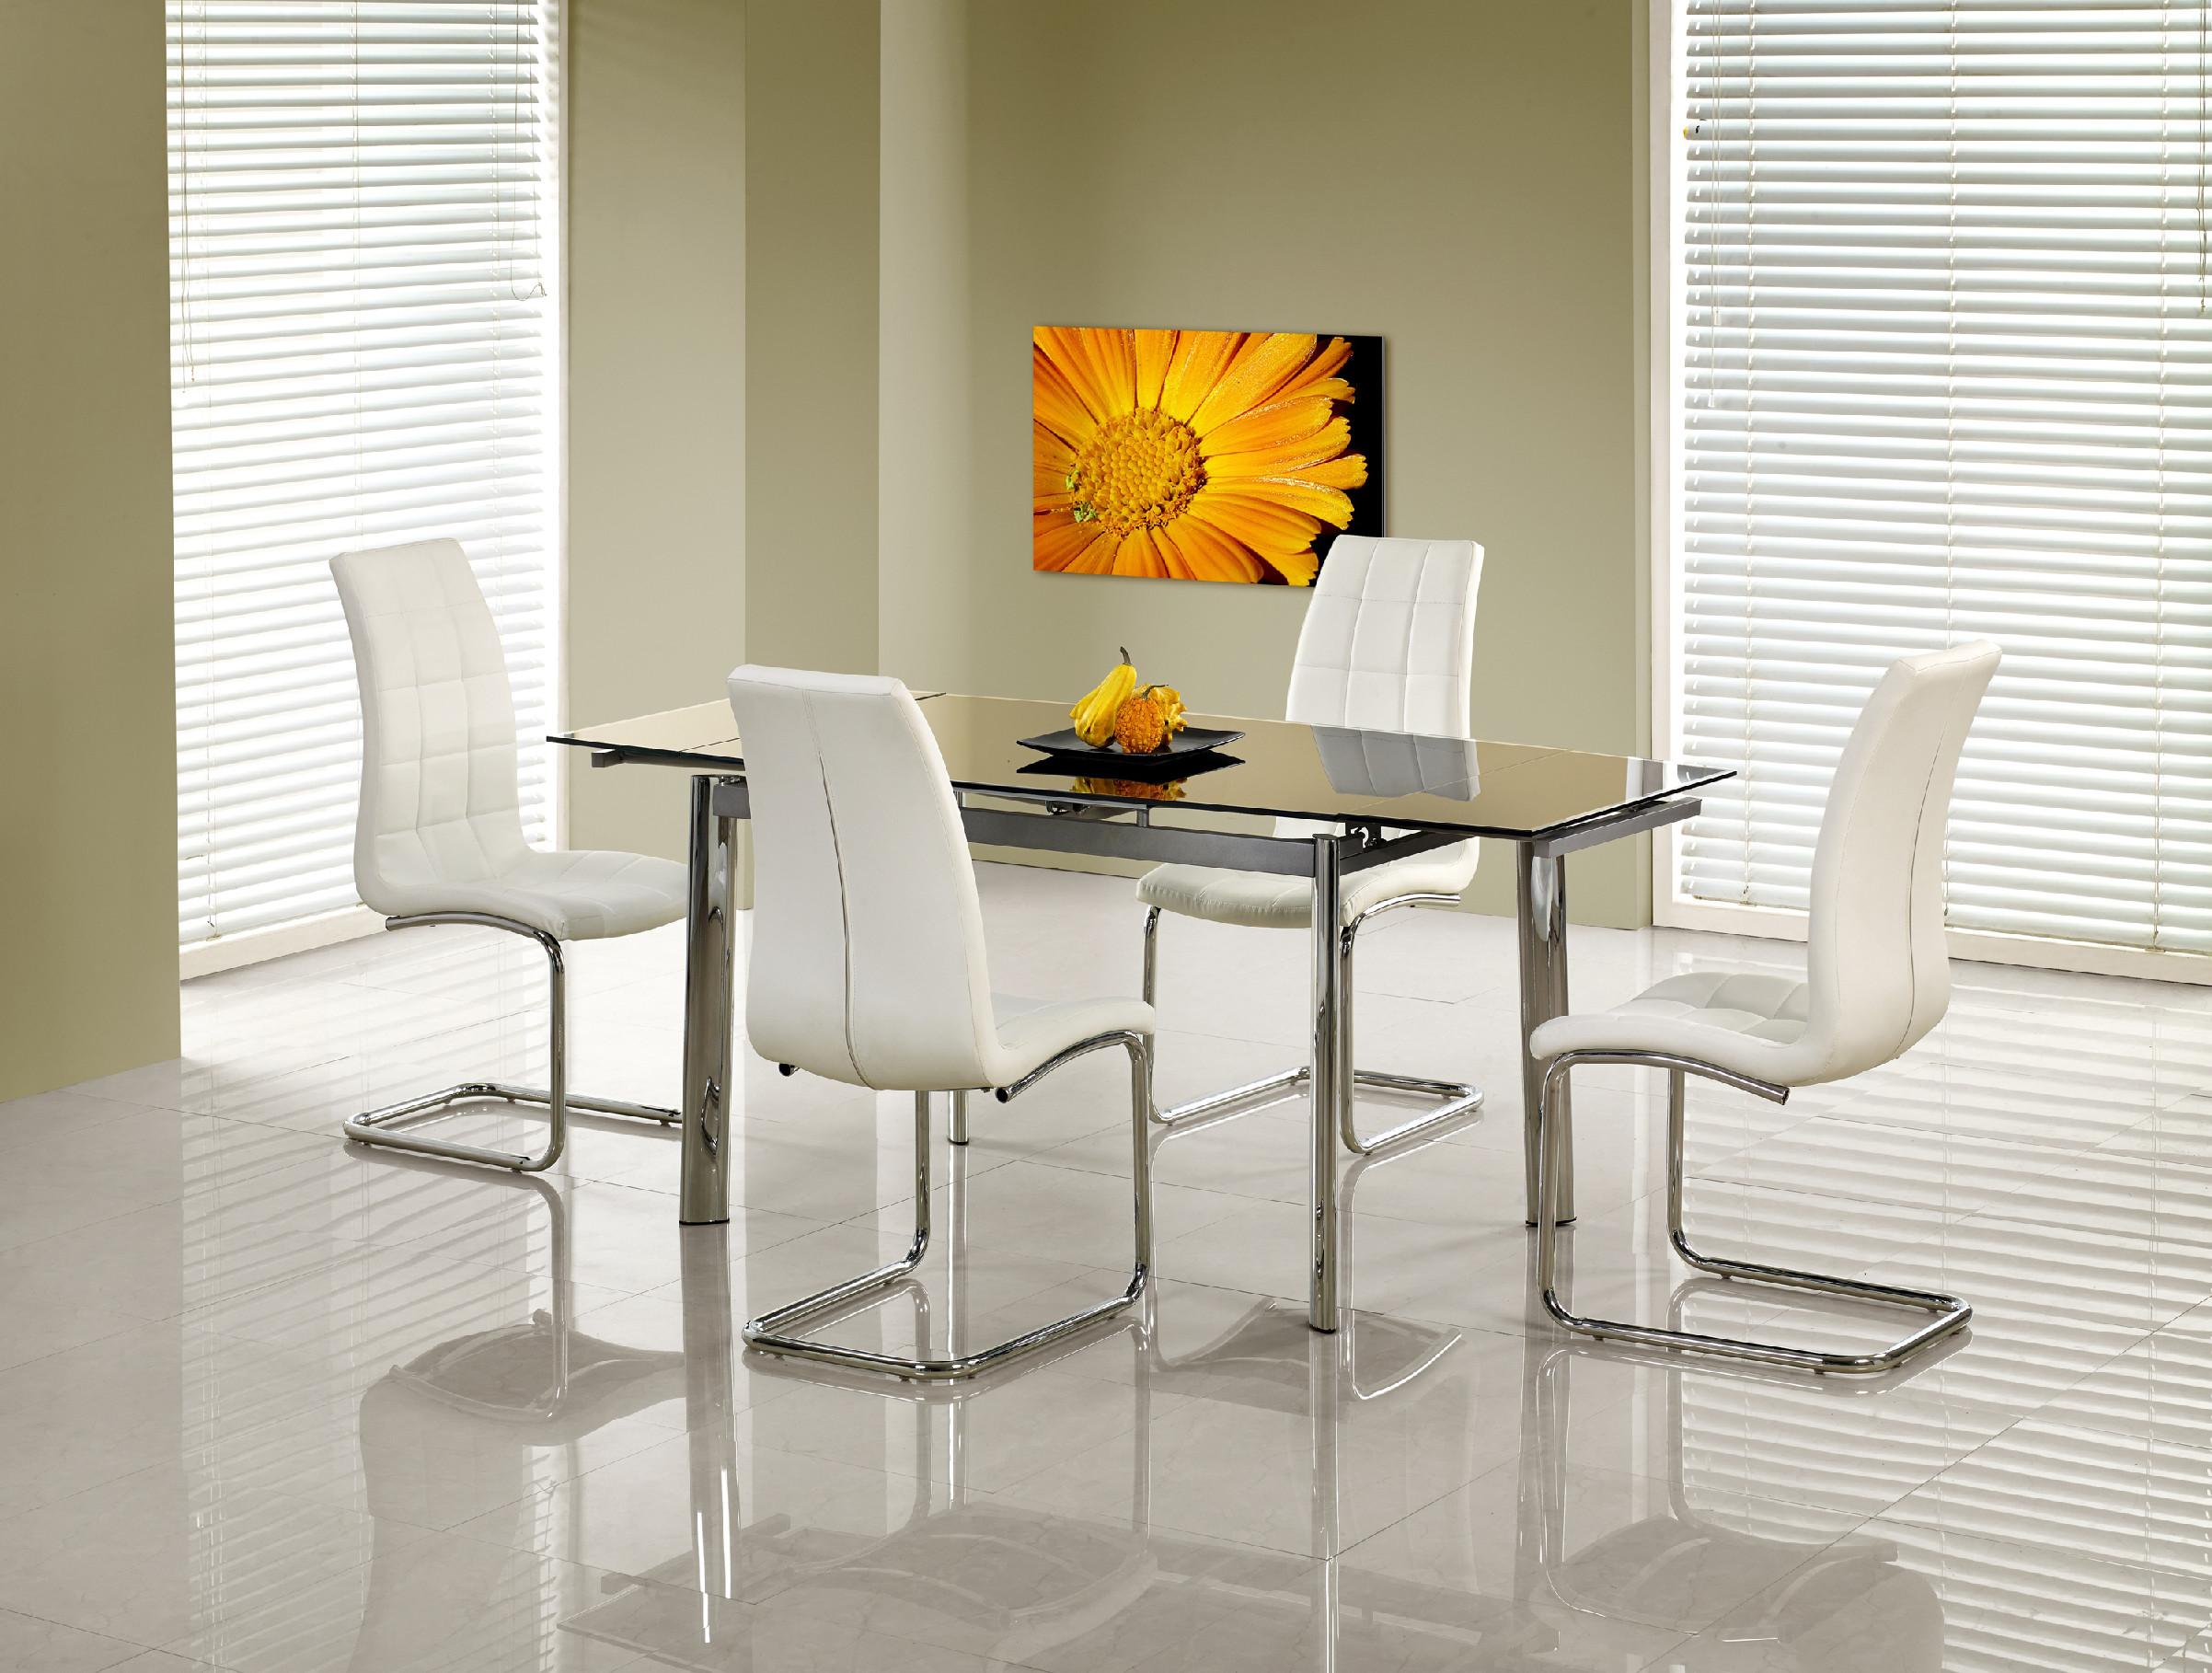 Jídelní stoly skleněné